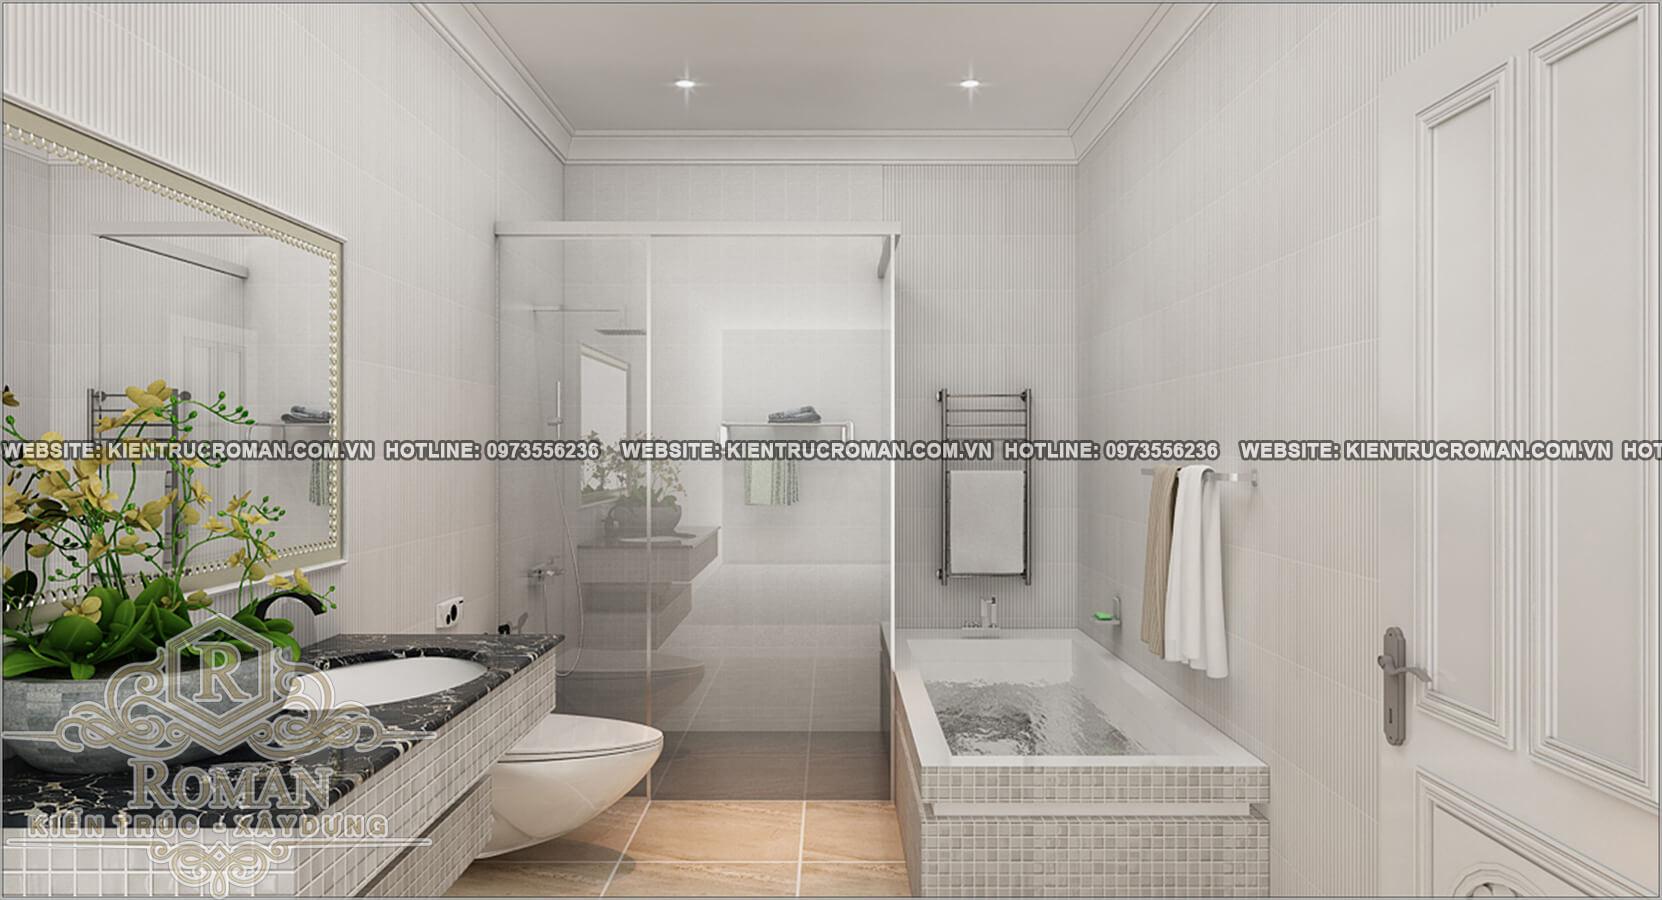 phòng tắm thiết kế cải tạo biệt thự cổ điển